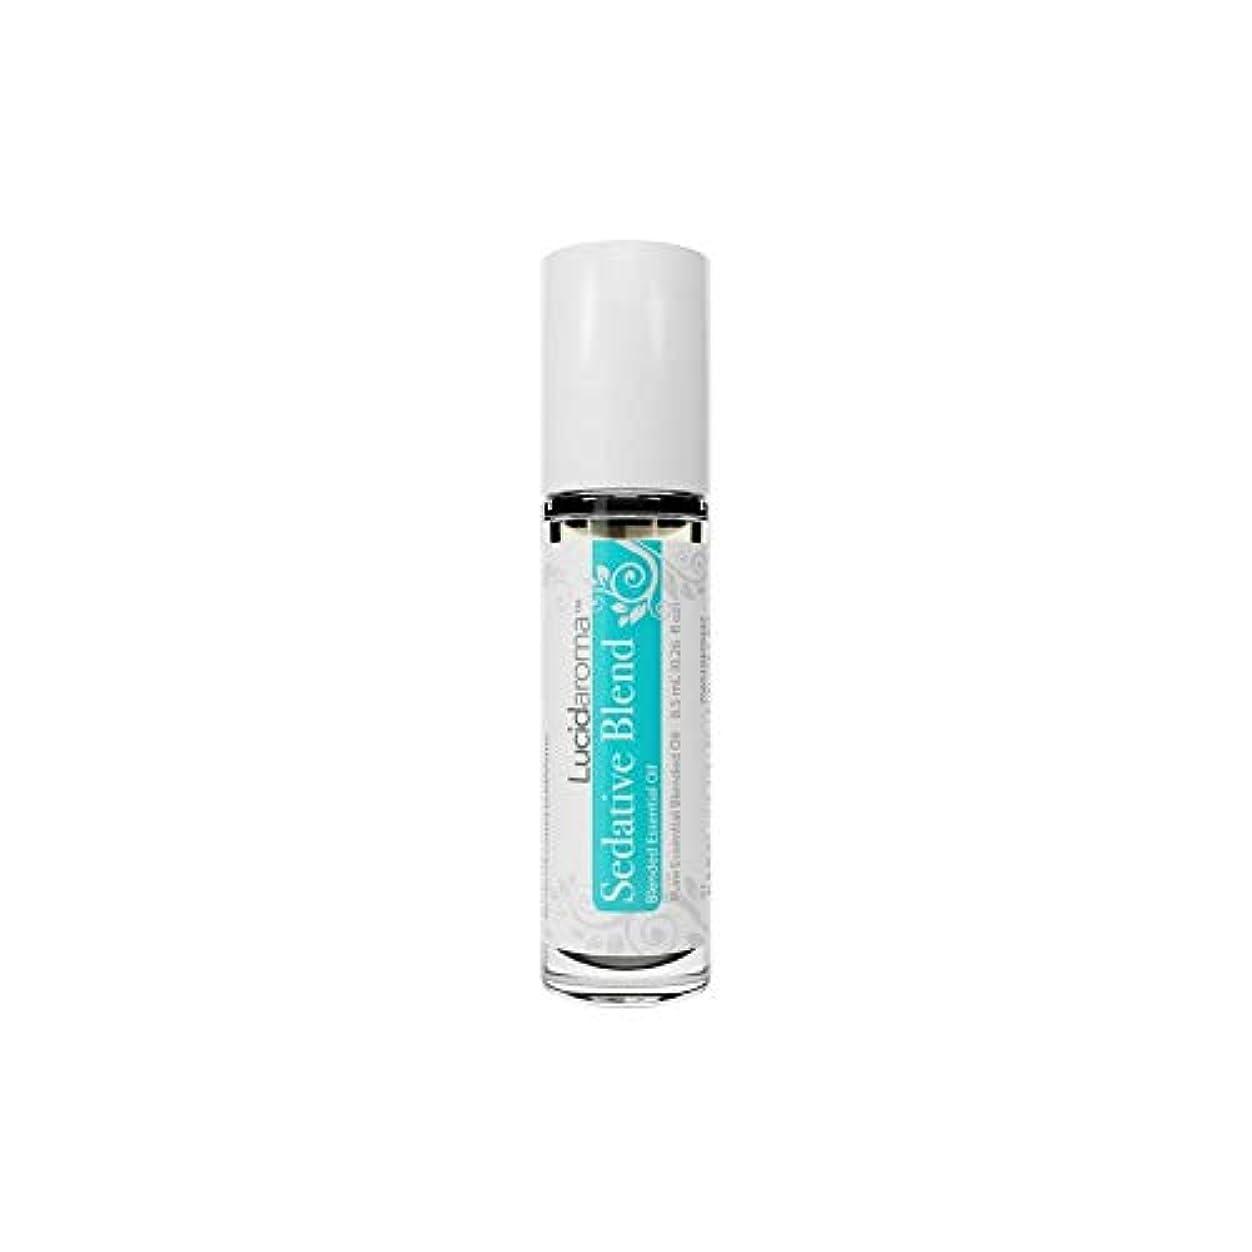 必要とする追記配列Lucid Aroma Sedative Blend セダティヴ ブレンド ロールオン アロマオイル 8.5mL (塗るアロマ) 100%天然 携帯便利 ピュア エッセンシャル アメリカ製